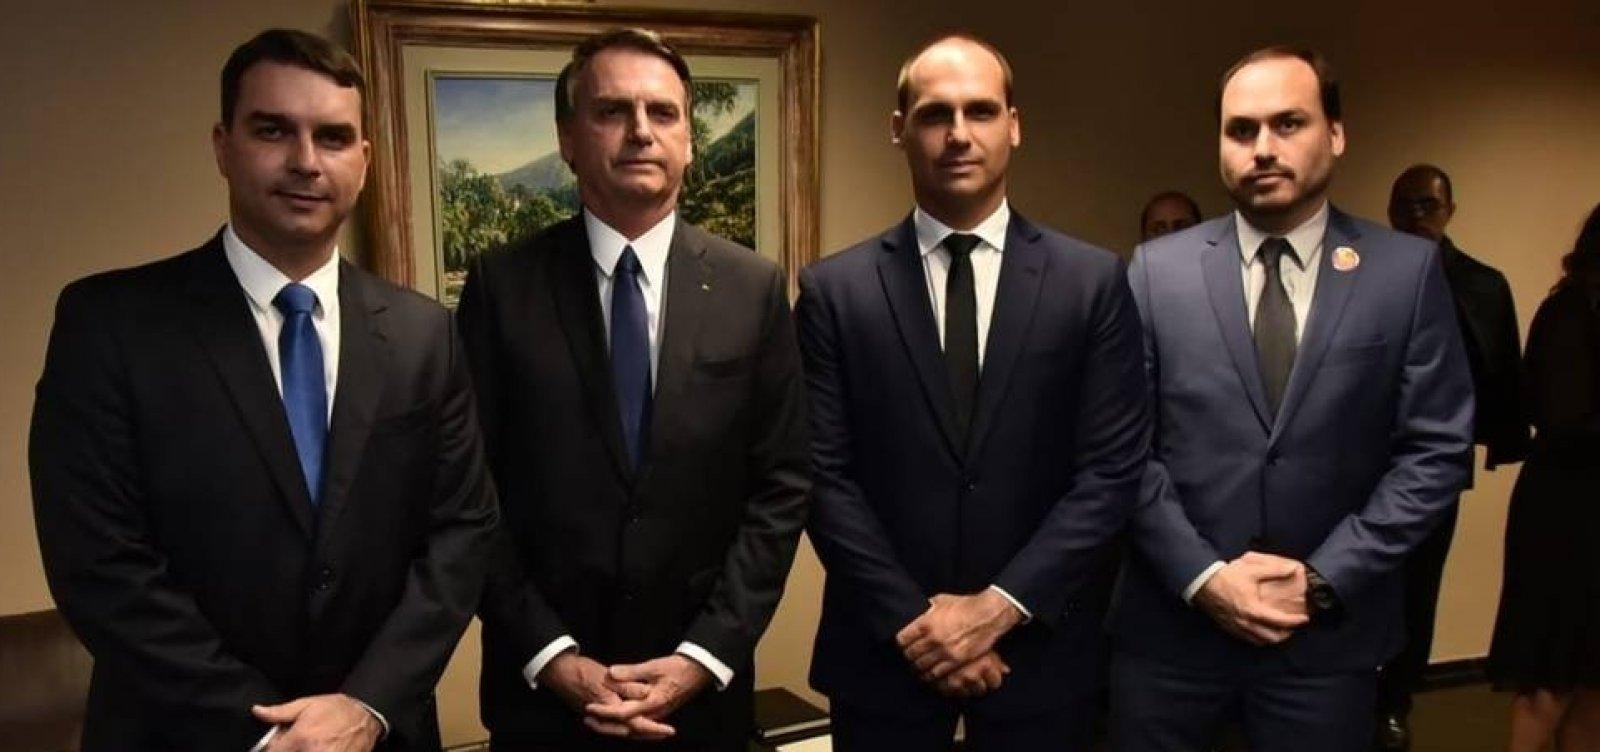 Relatório aponta que família Bolsonaro lidera ranking de ataques à imprensa no Brasil em 2020